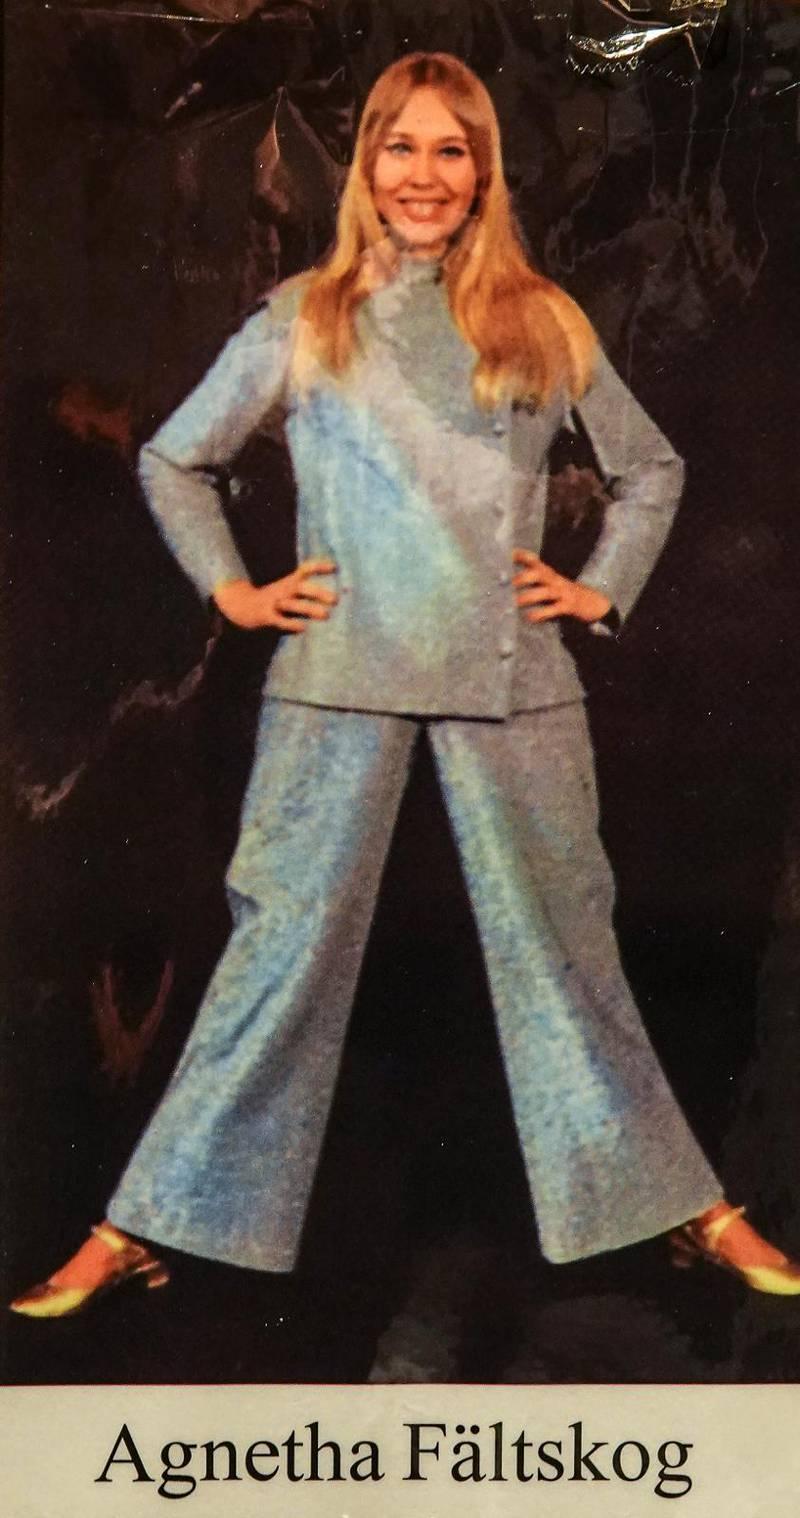 Agnetha Fältskog var 17 år när hon sjöng in sina första sånger hos Evan Ljunggren i Falks Studio i Eksjö.